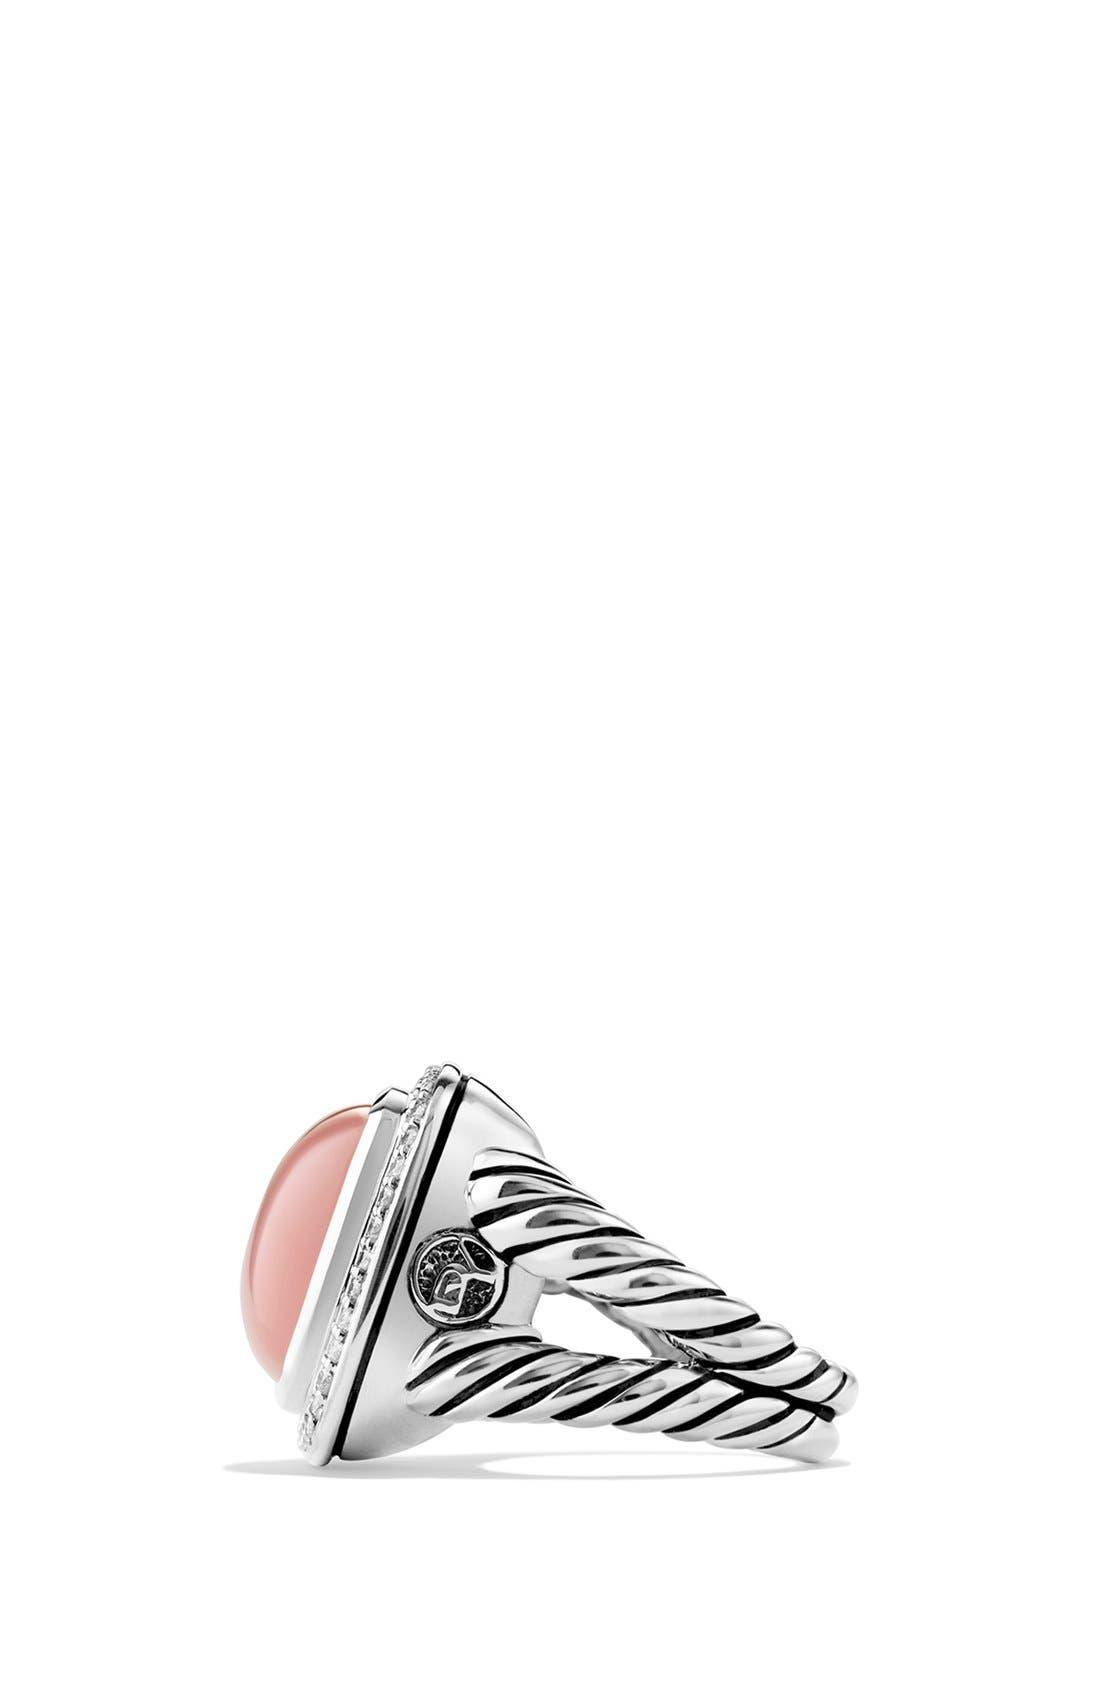 Alternate Image 3  - David Yurman 'Albion' Ring with Semiprecious Stone & Diamonds